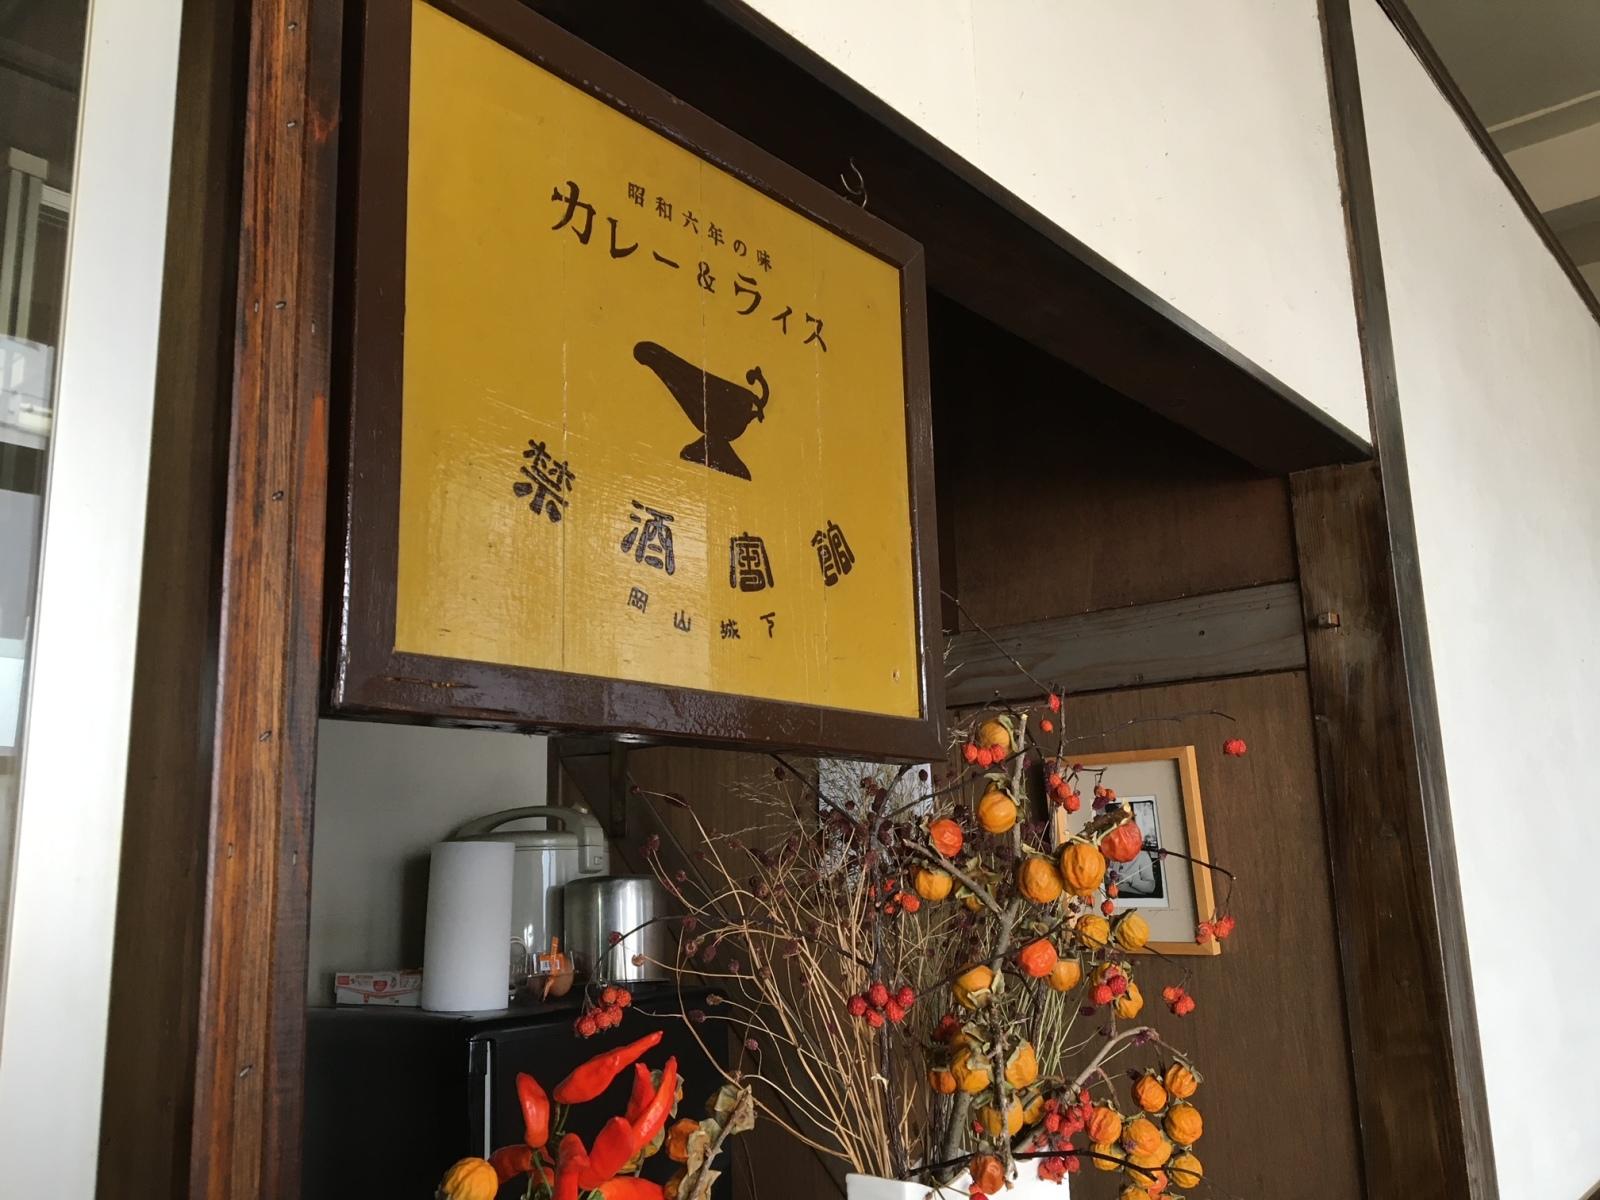 ラヴィアンカフェ店内看板